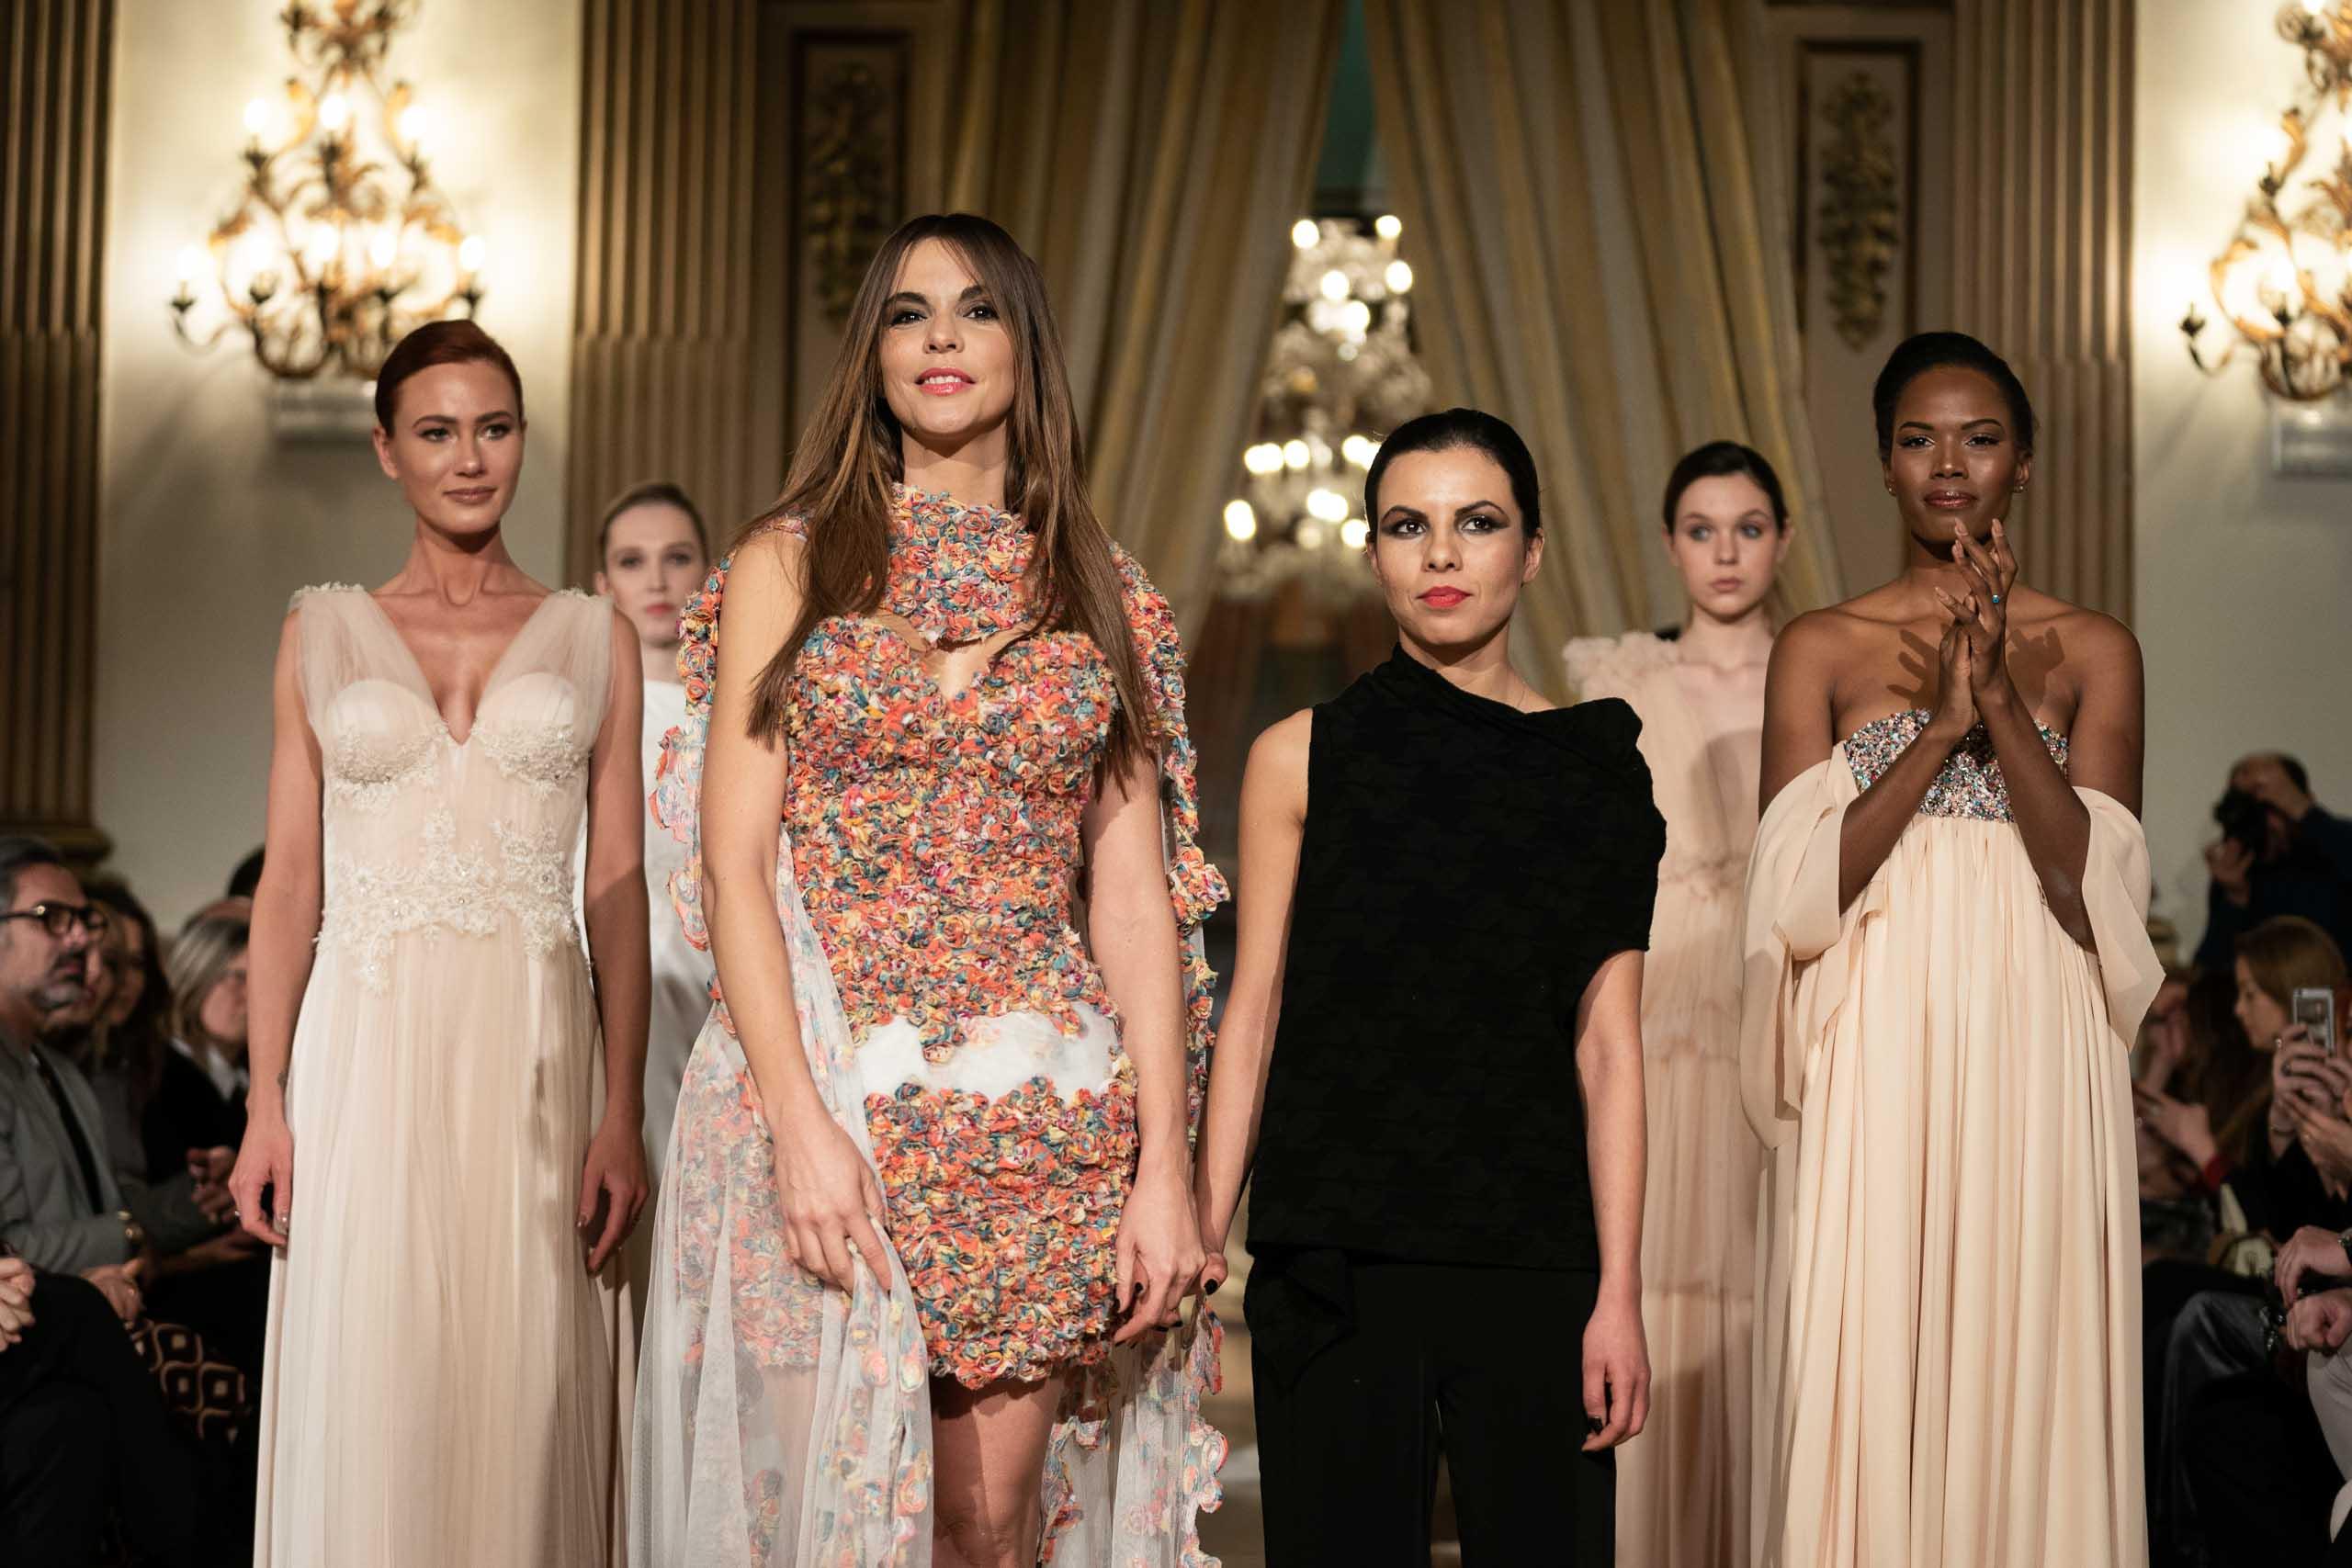 World of Fashion giunge alla sua 23° edizione